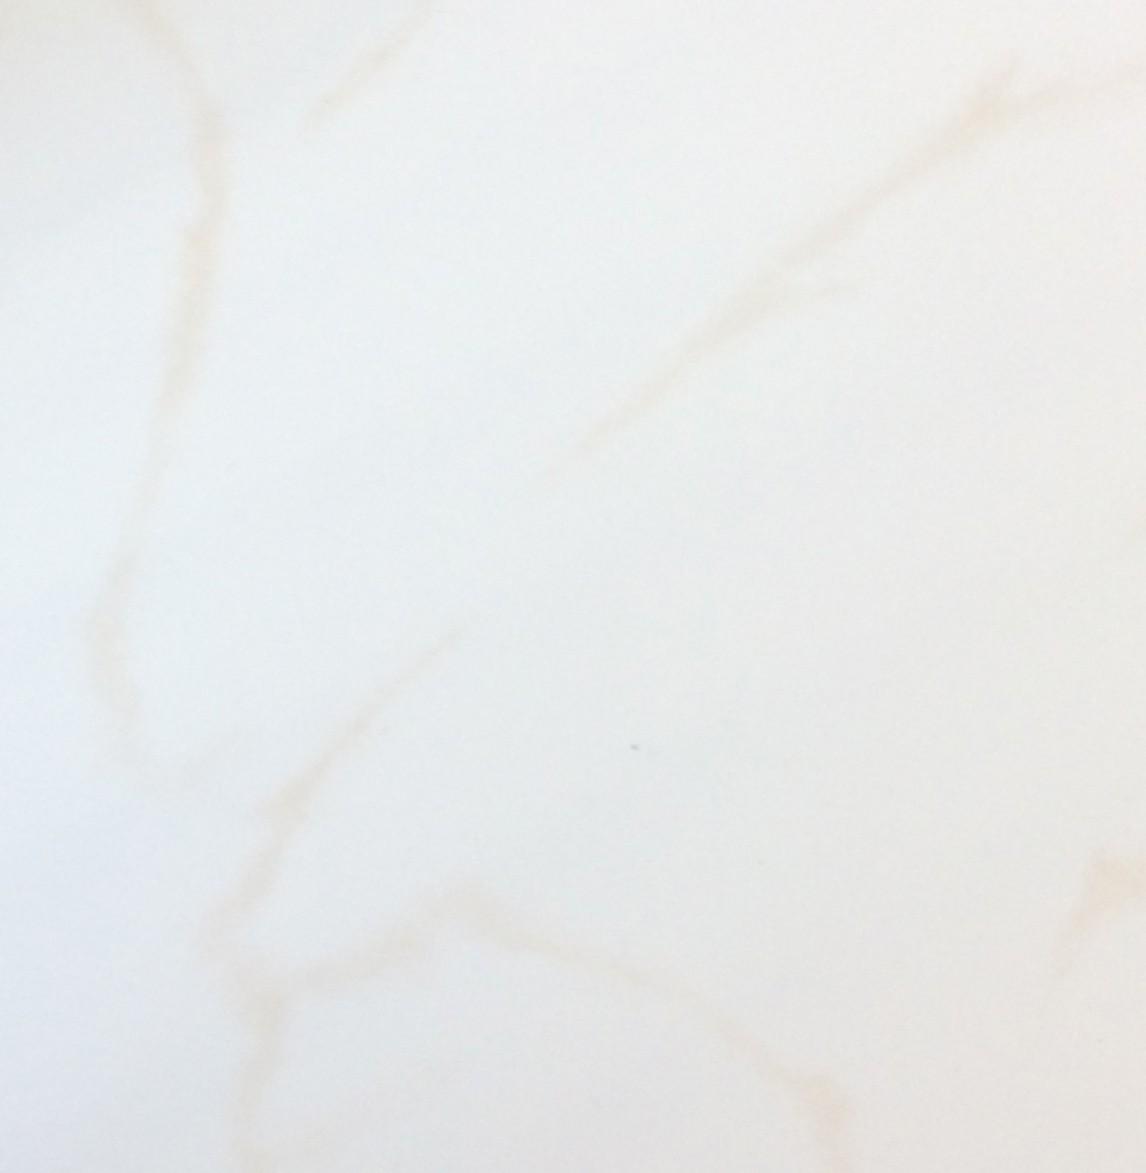 Wandfliese X Beige Glänzend - Fliesen 20 x 25